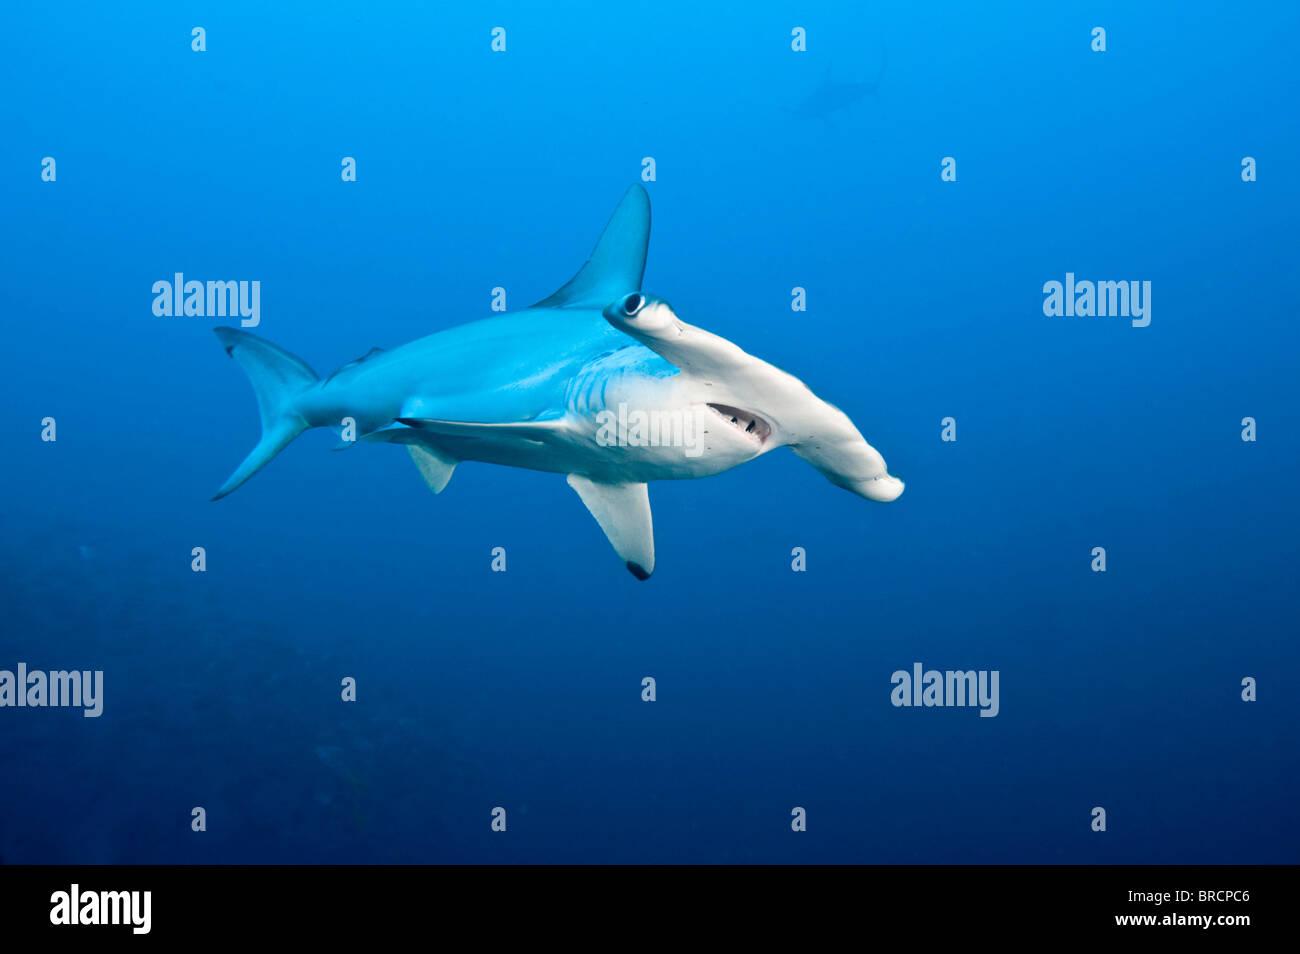 Tiburón martillo (Sphyrna lewini), Sphyrna lewini, La Isla del Coco, Costa Rica, del Océano Pacífico Imagen De Stock